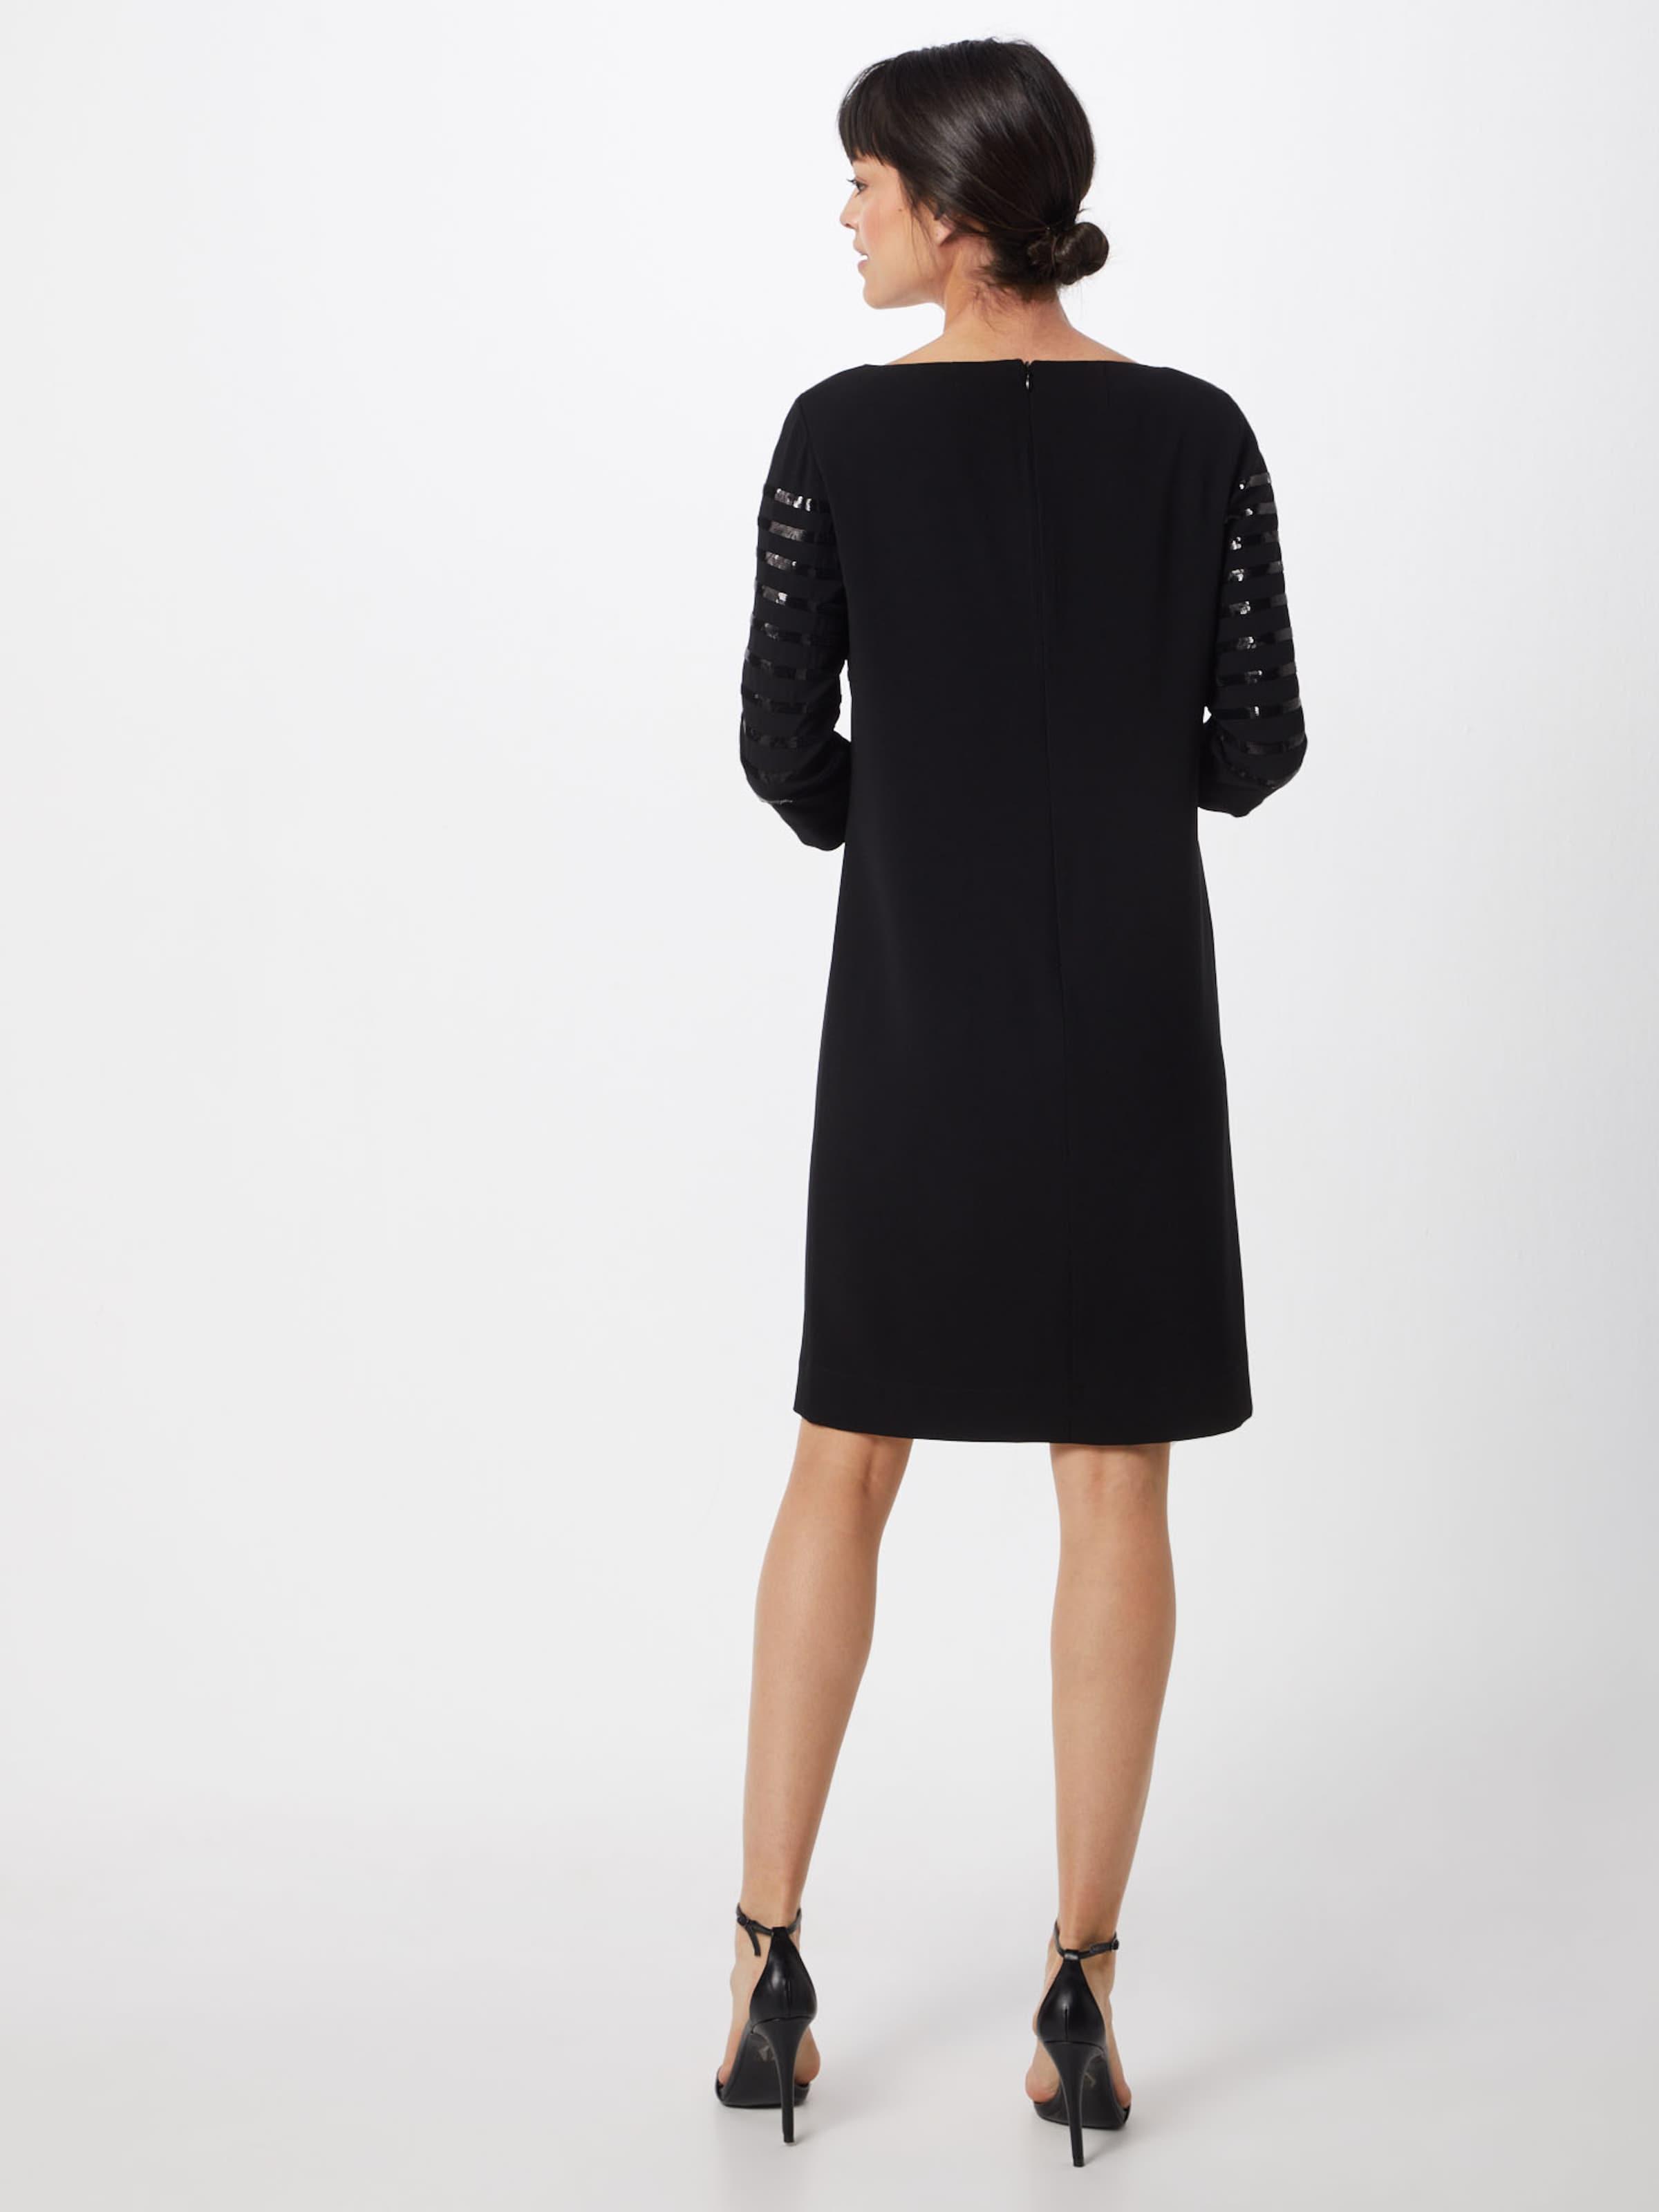 Laurel En En Robe Robe Laurel Robe Noir '12020' Noir '12020' Laurel 1JF3uTlKc